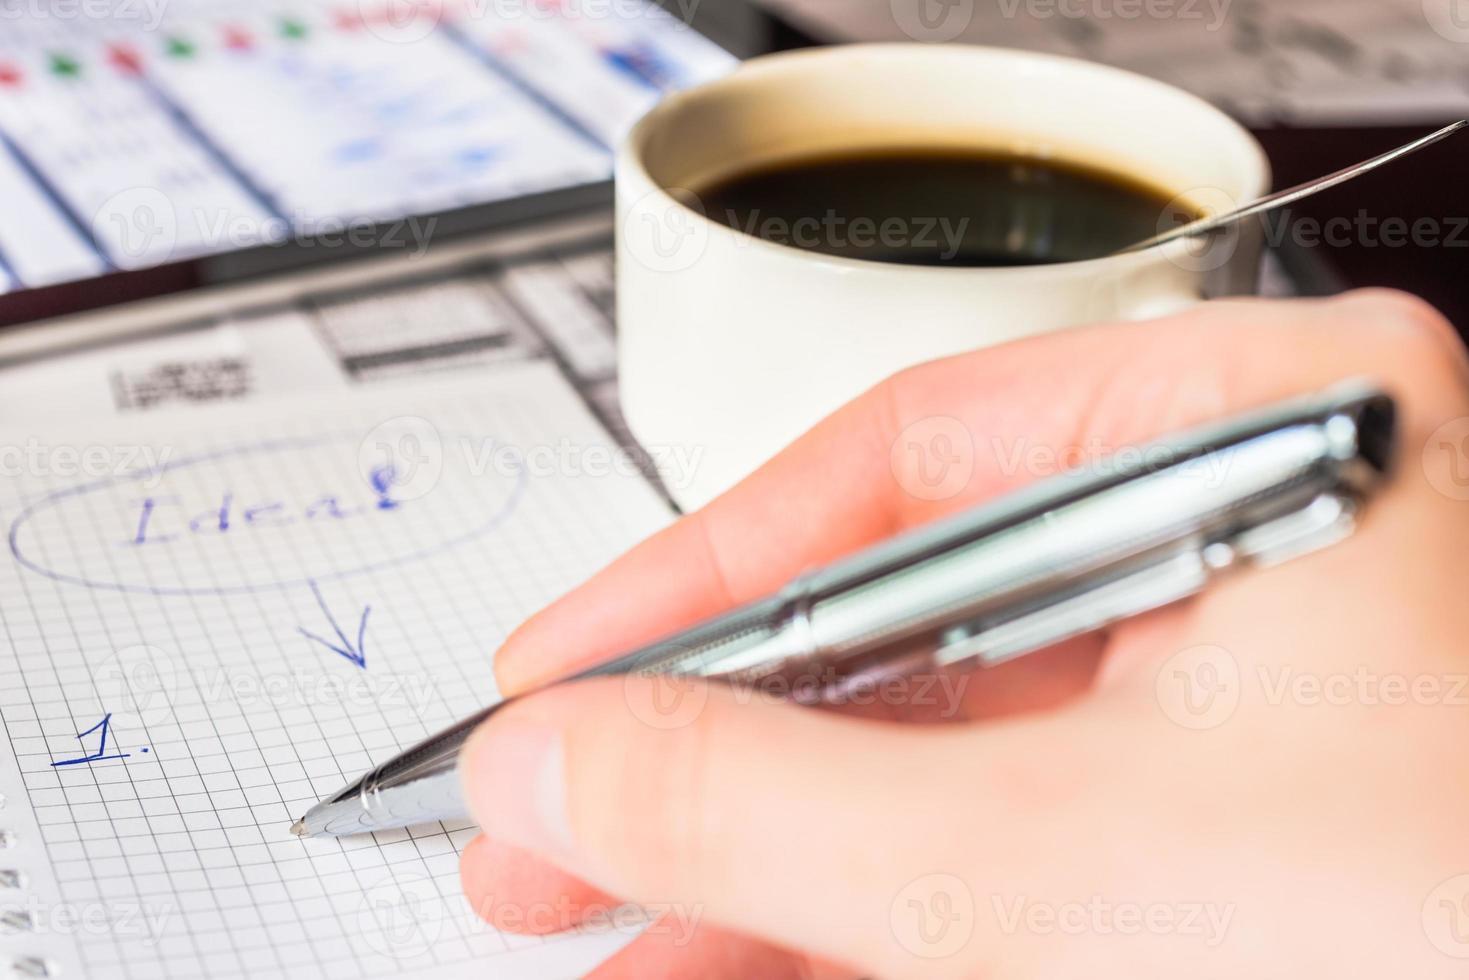 nieuwe ideeën in de business, die ze allemaal schrijven foto